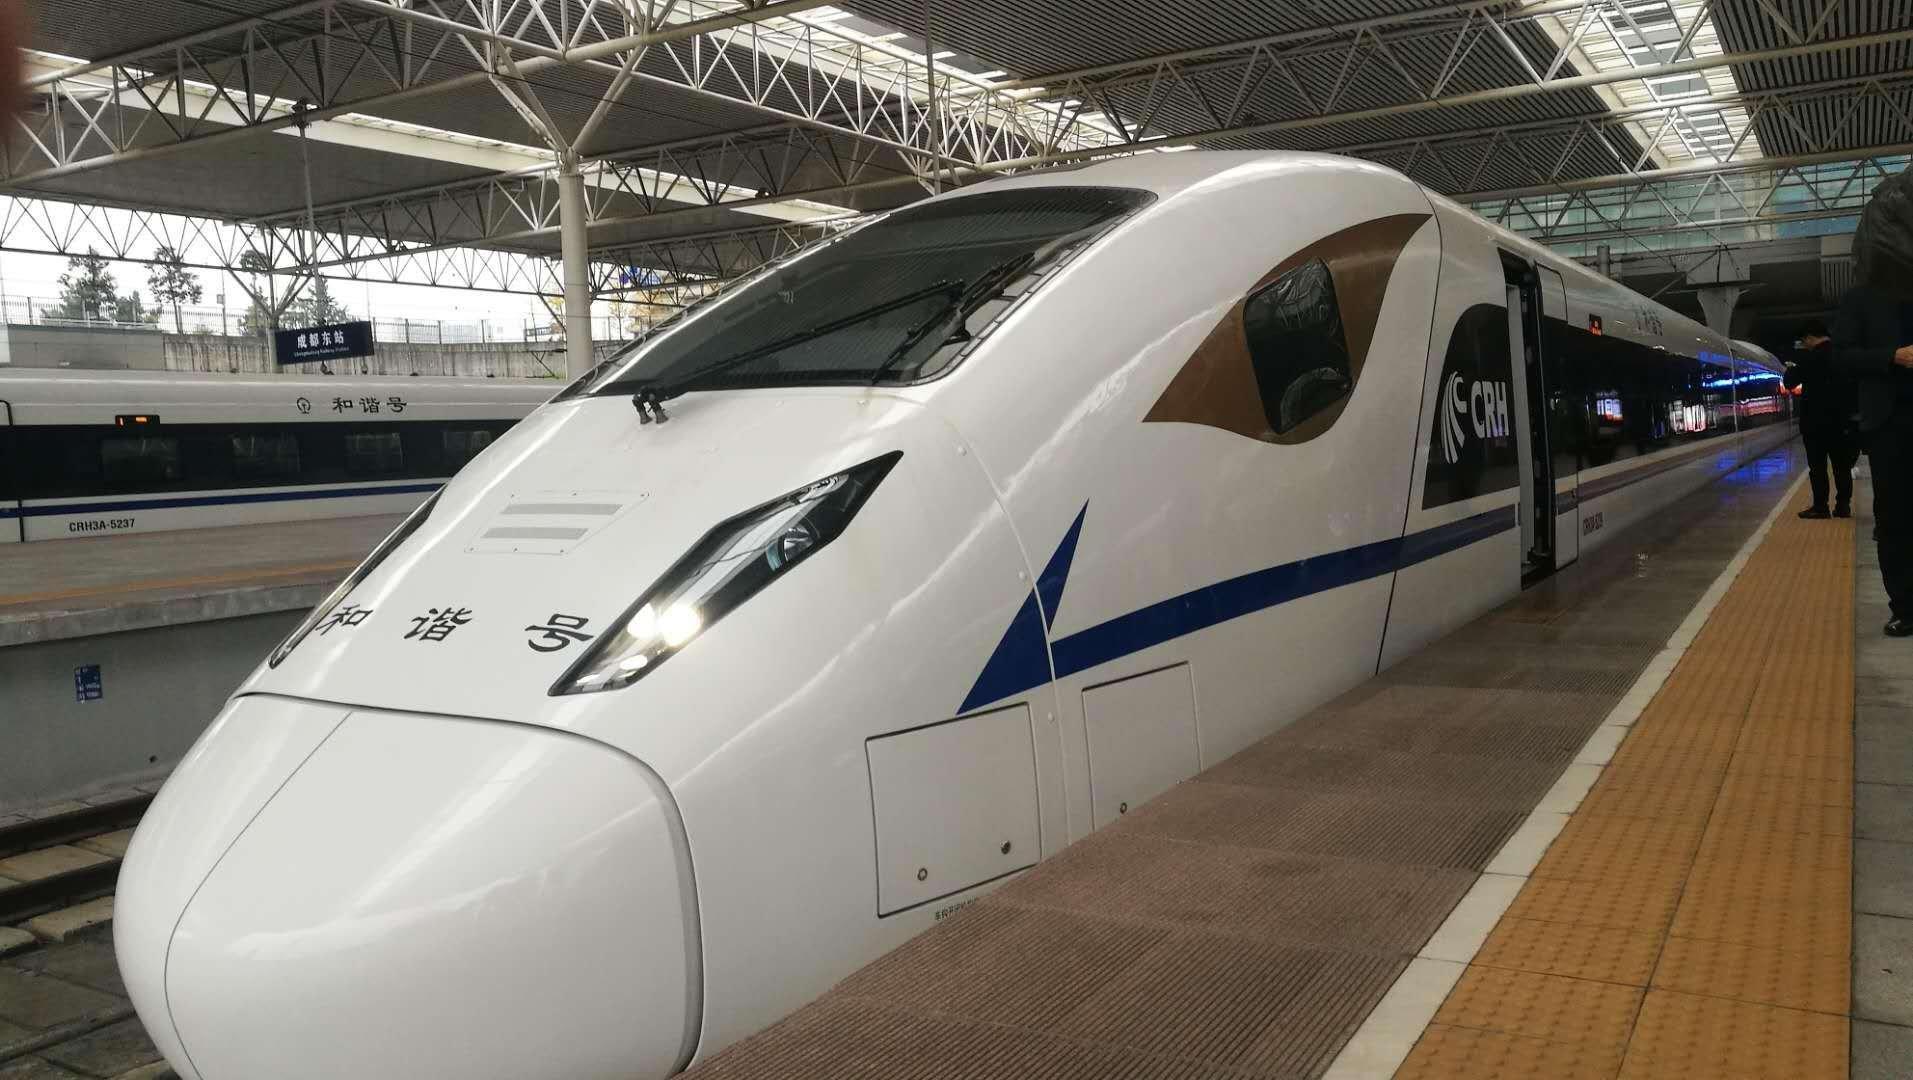 西成高铁全线拉通模拟运行 3小时到西安